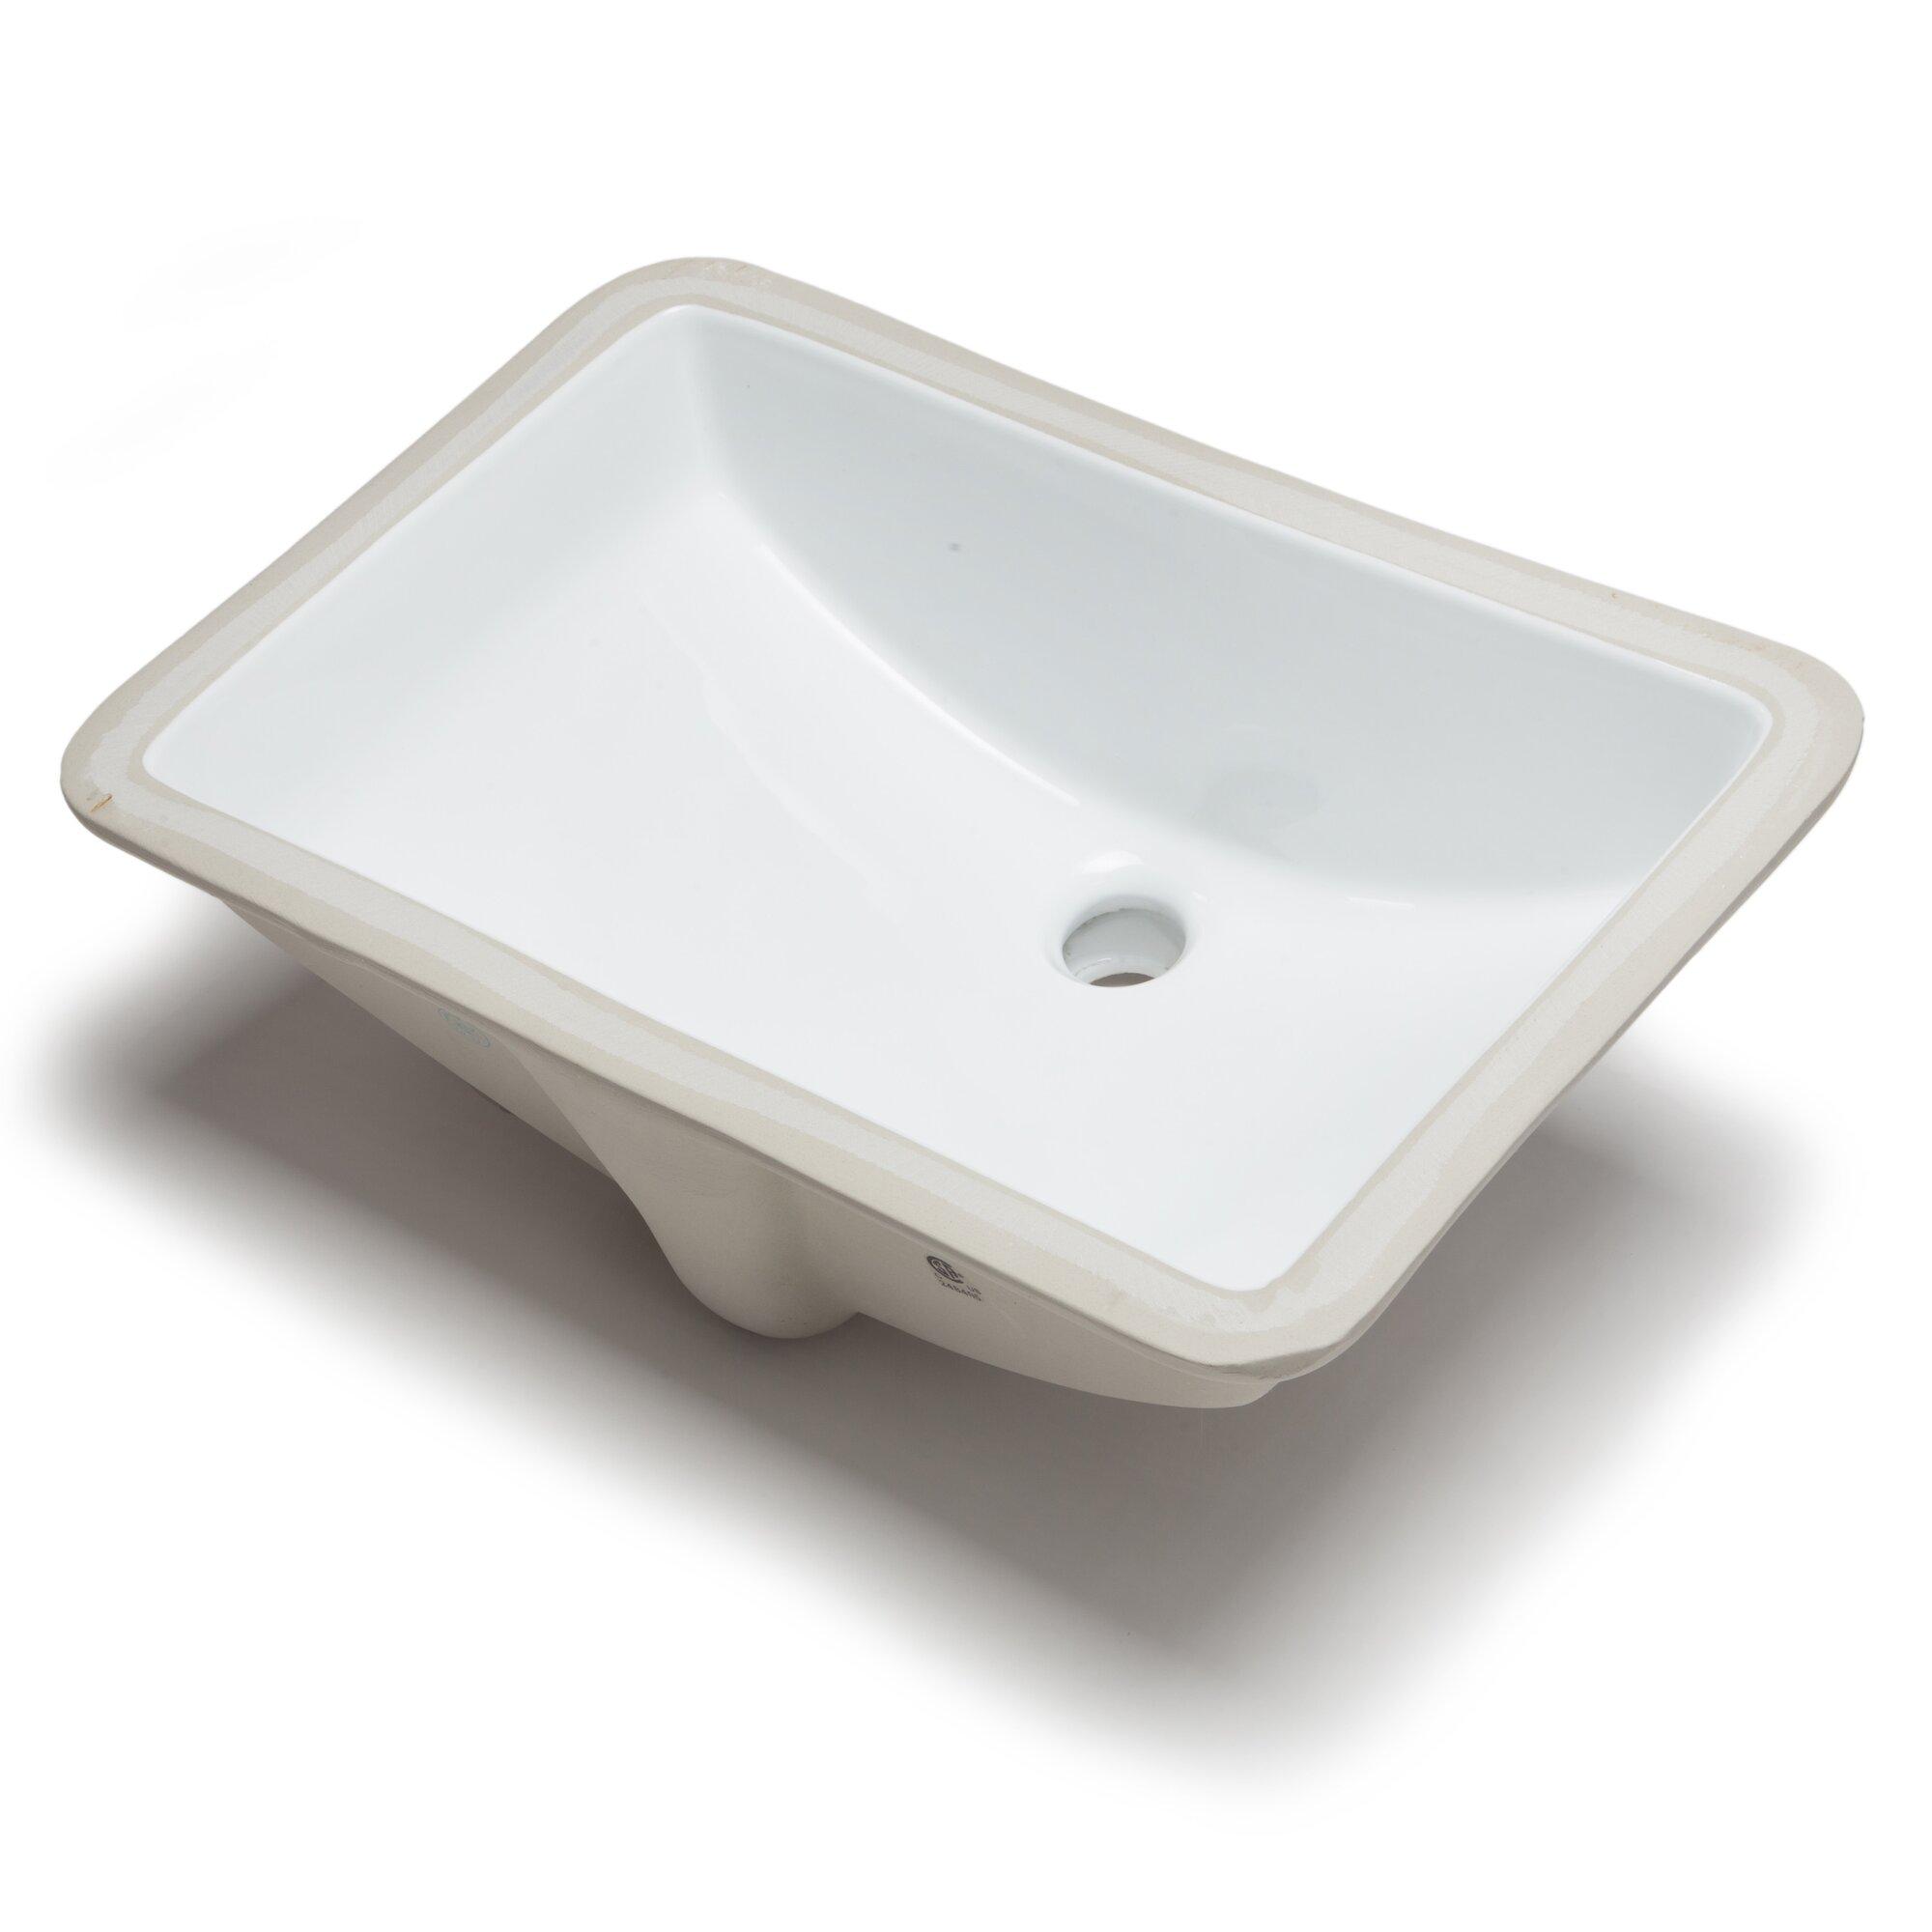 Hahn ceramic bowl rectangular undermount bathroom sink - Rectangle undermount bathroom sink ...